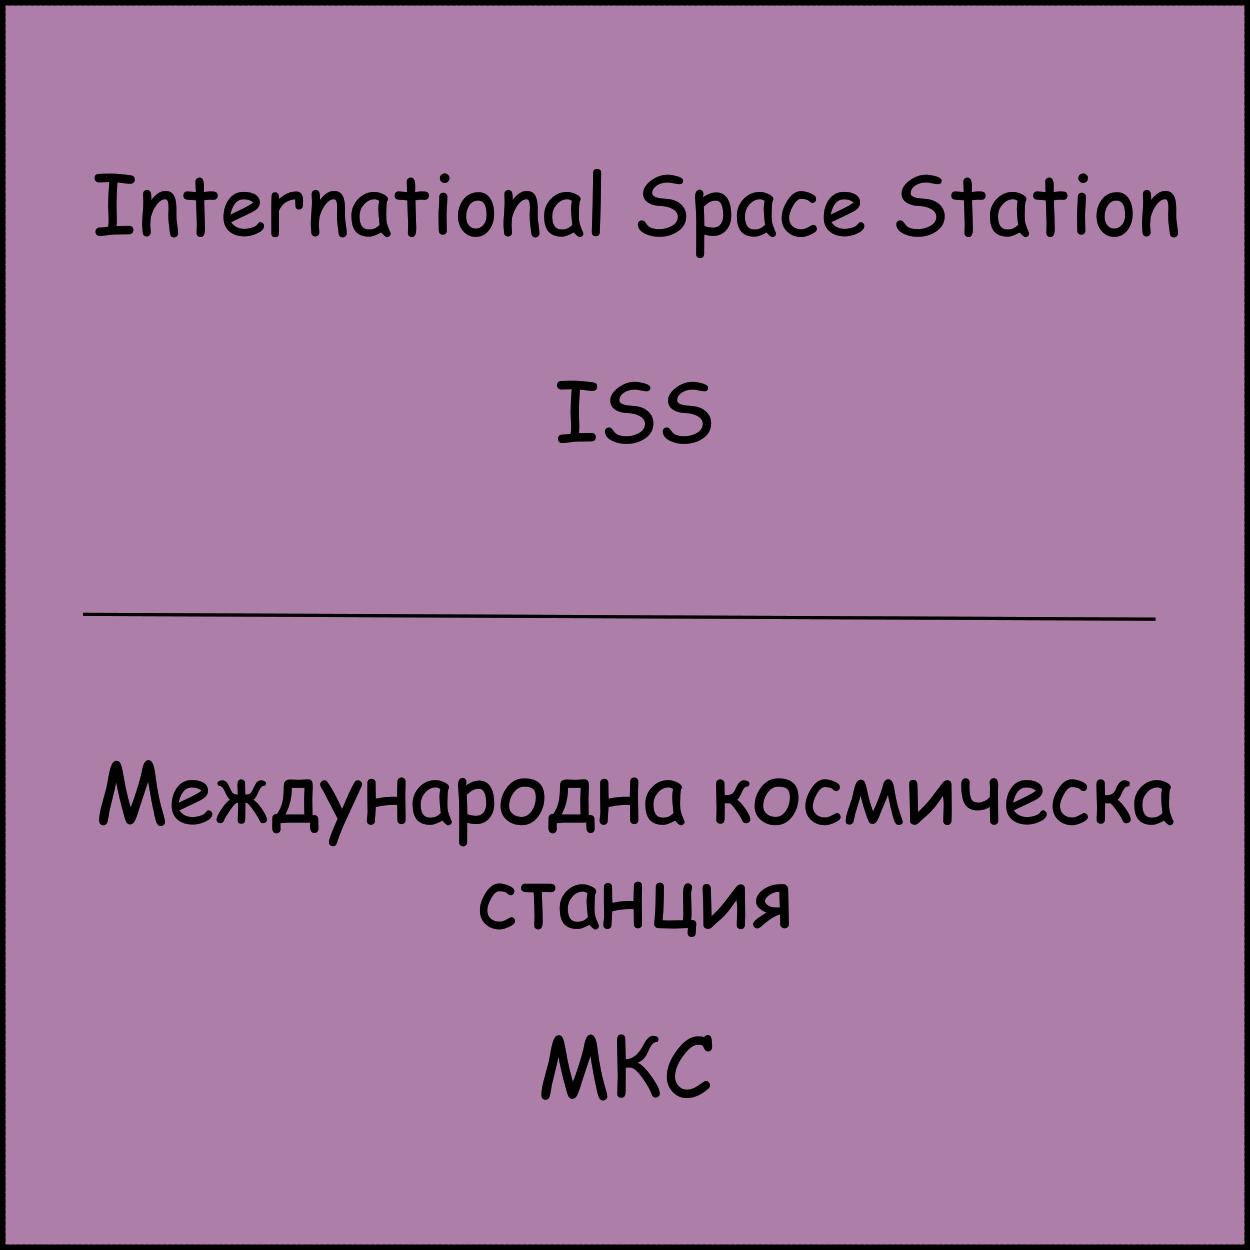 ISS / MKC